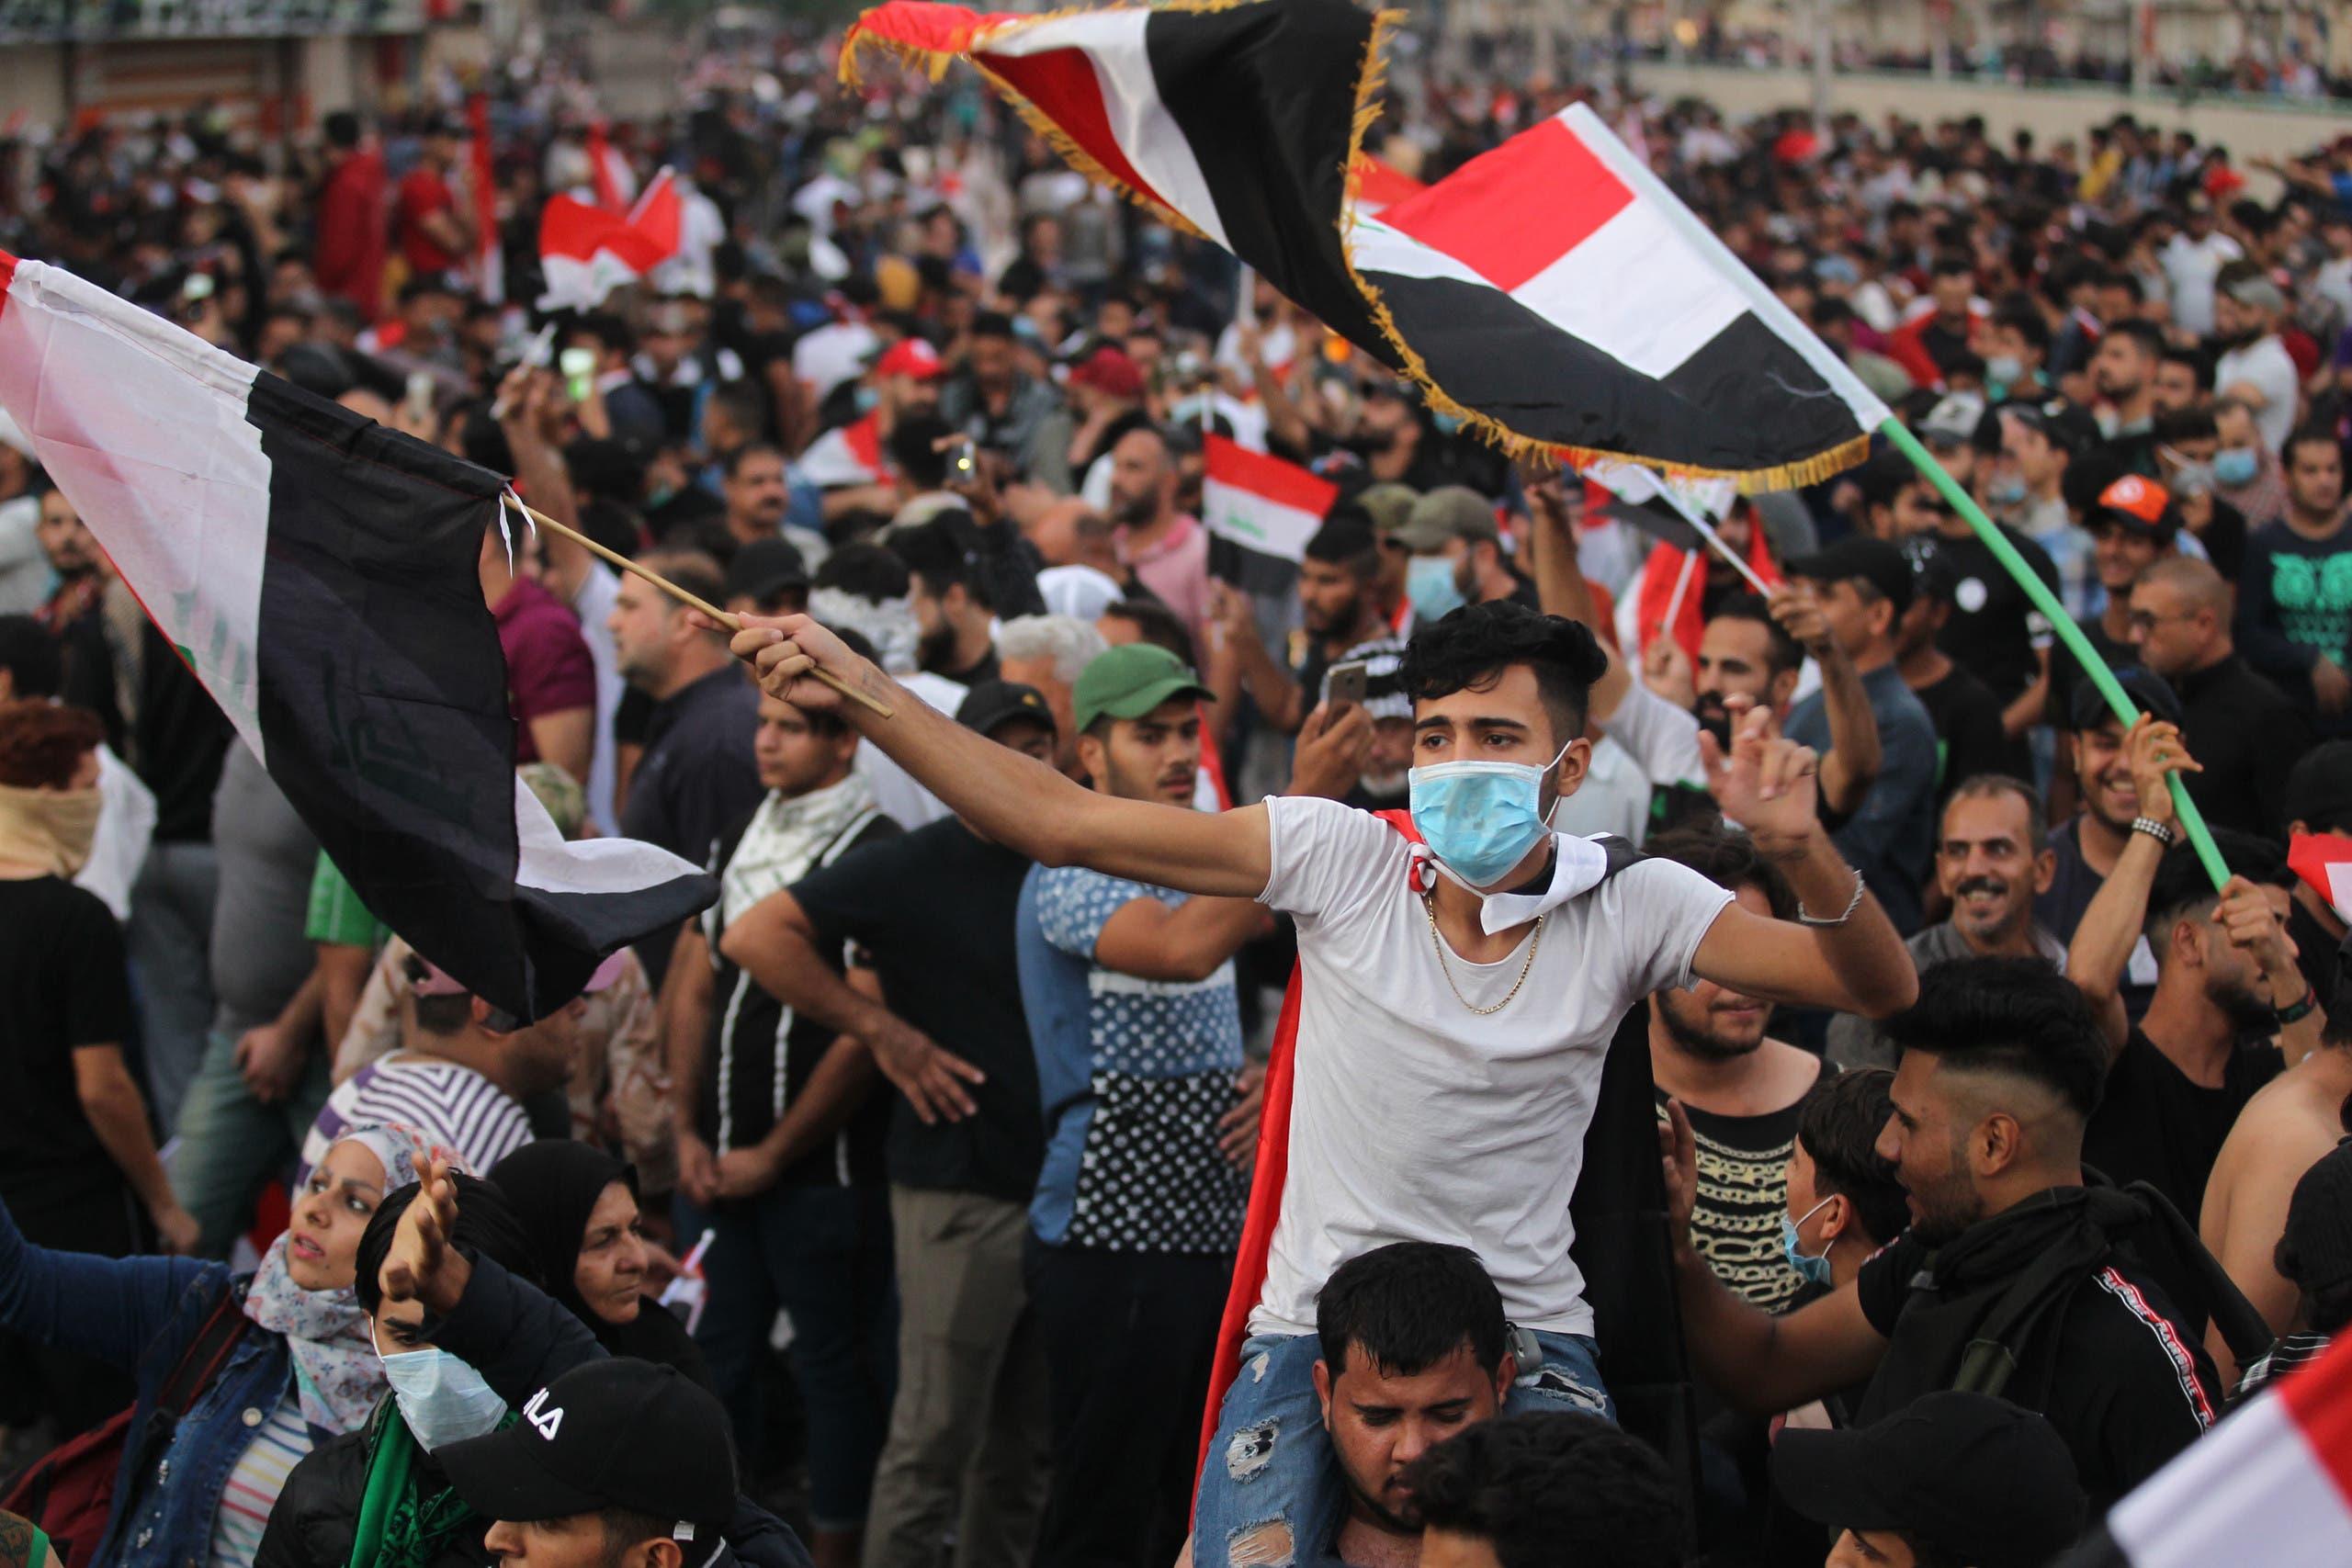 وزیر دفاع عراق: ۲۰۰ فرد مسلح در تظاهرات بازداشت شدند